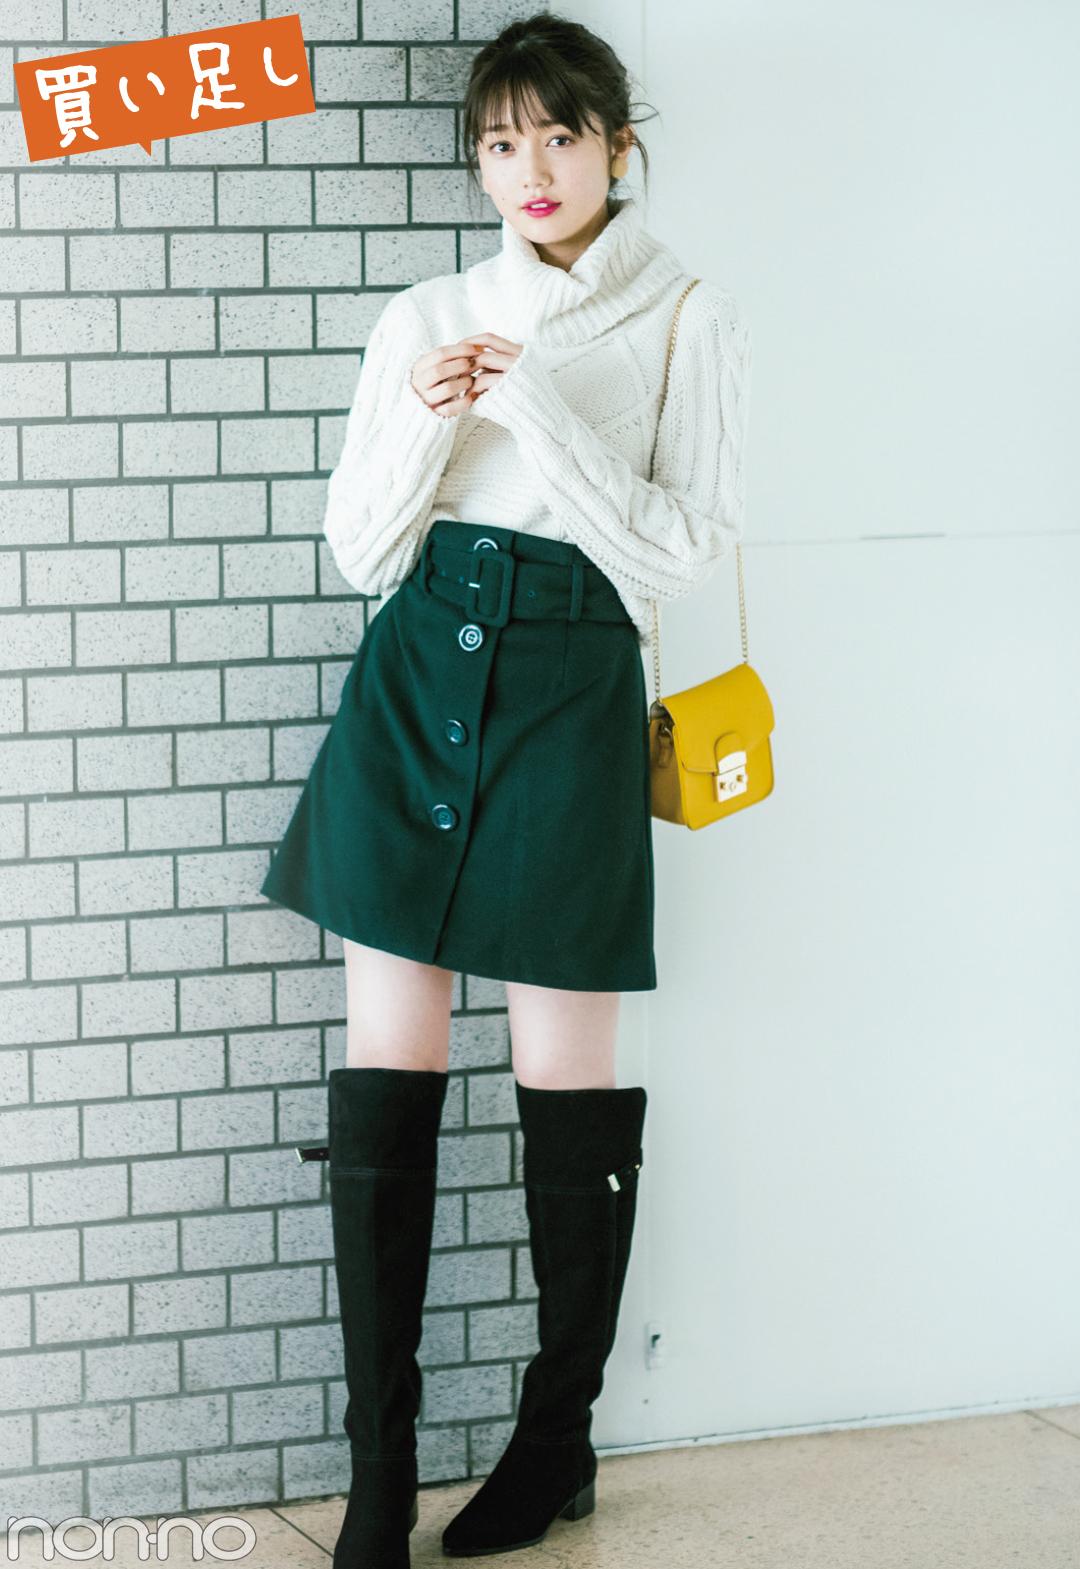 台形ひざ丈スカート、秋冬はどんなコーデがおしゃれにキマる?_1_2